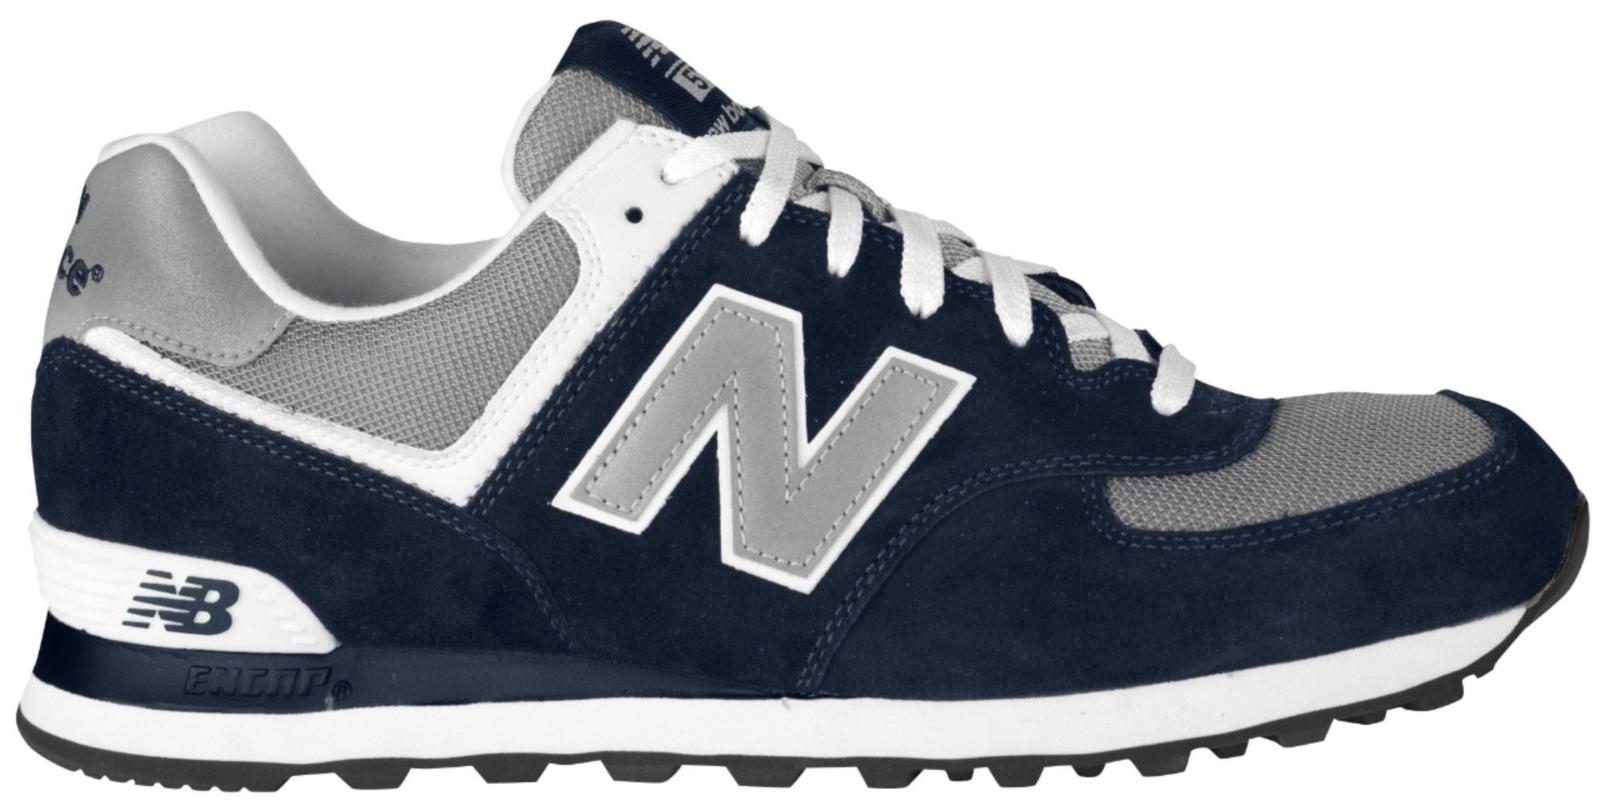 2018 NEW para hombre Azul Marino NEW 2018 BALANCE Clásico Zapatillas 1158 tamaño 7 D 8bc3ca